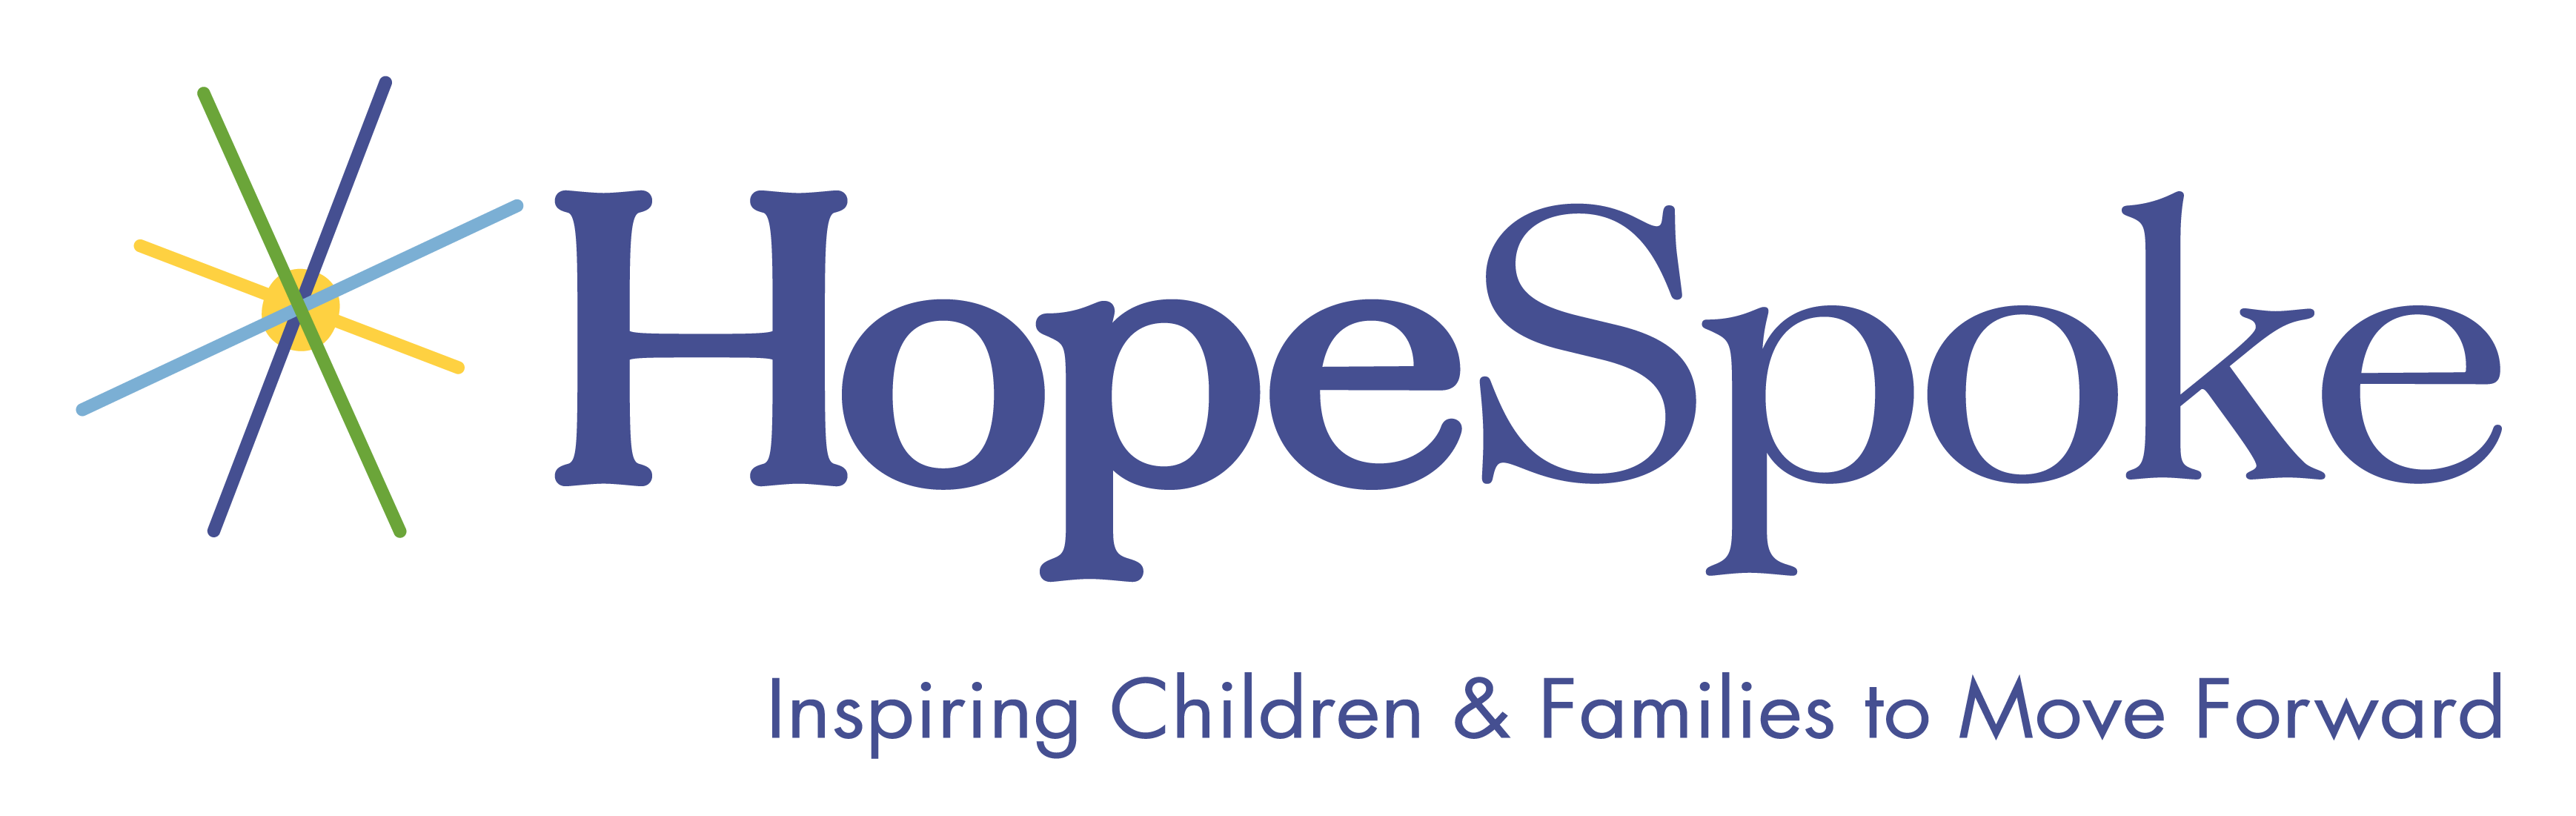 HopeSpoke